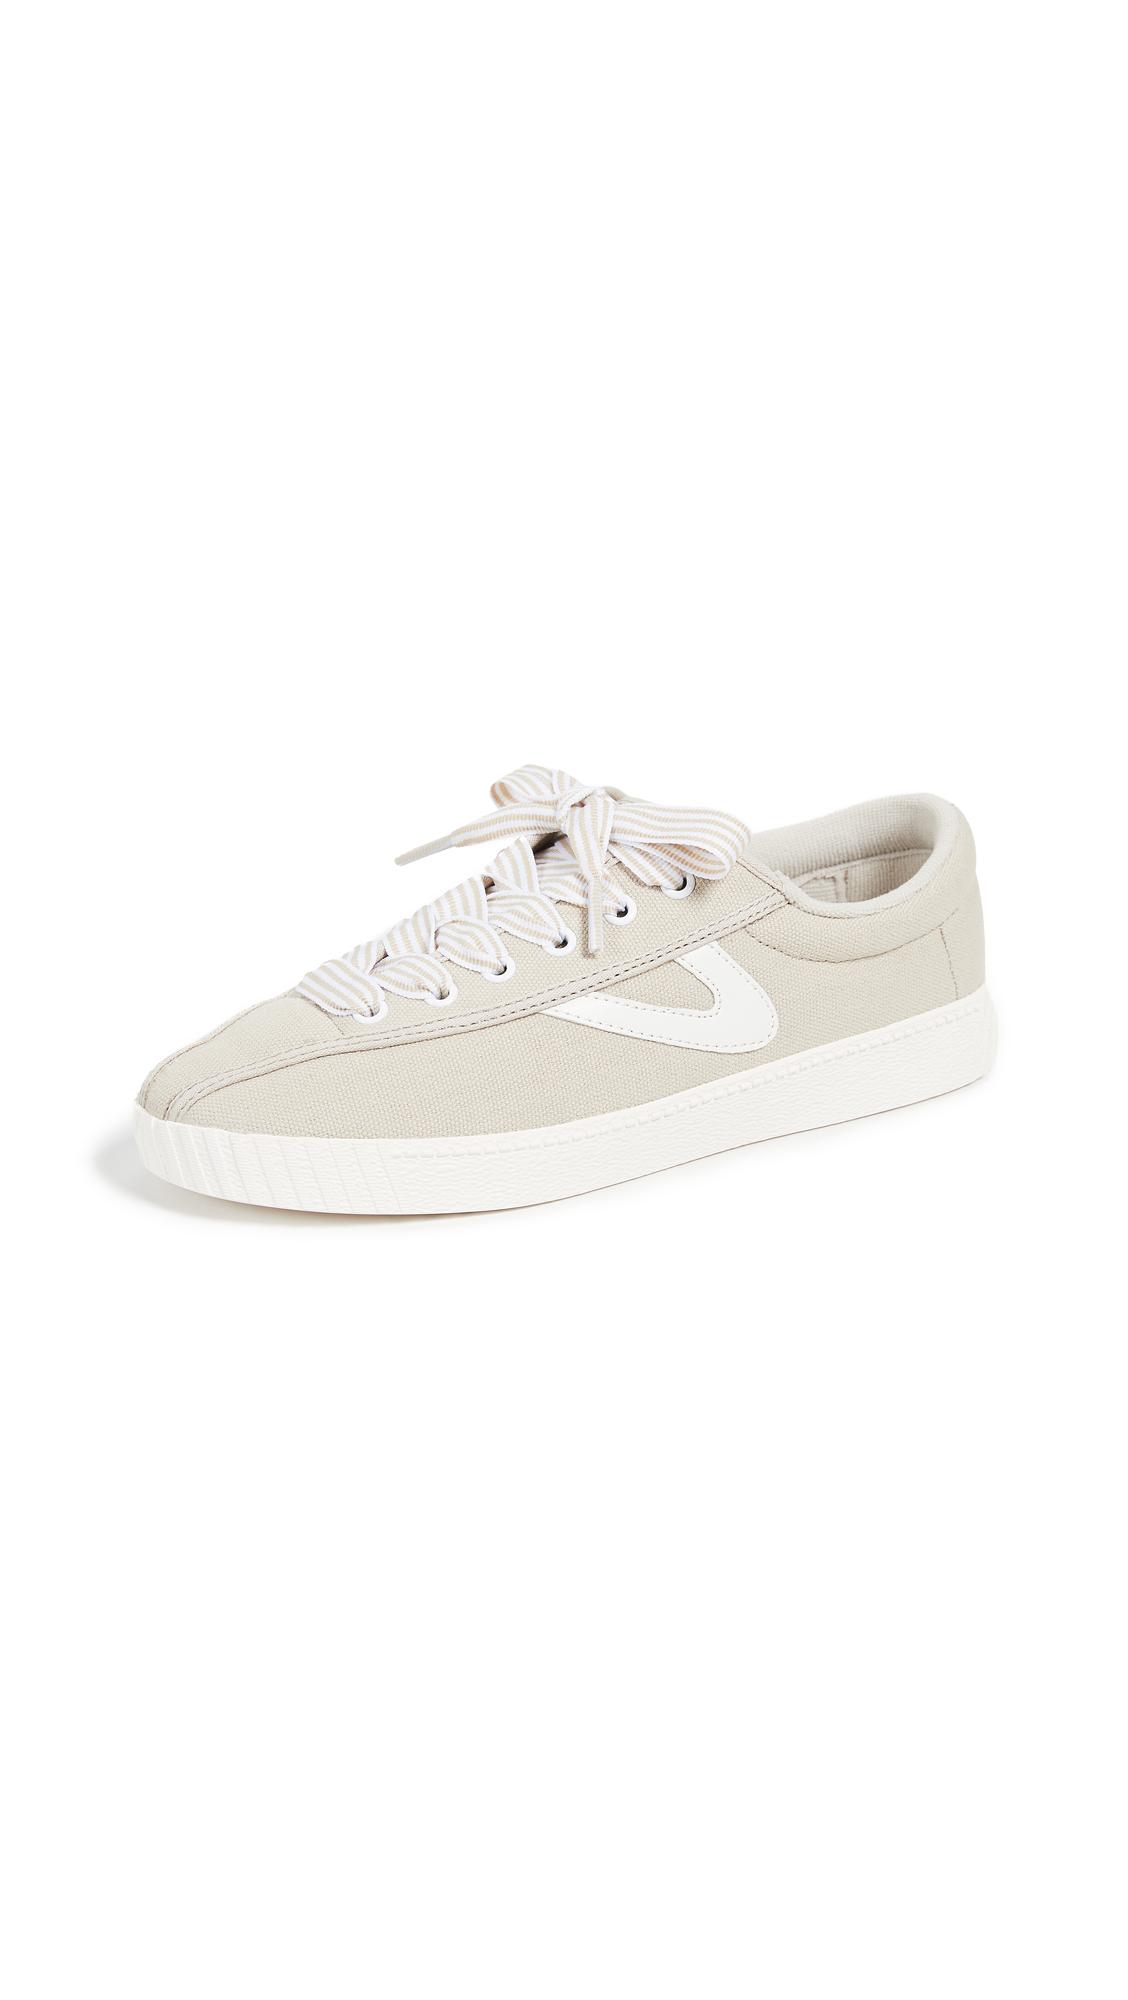 Tretorn Nylite 28 Plus Sneakers - Stone/Vintage White